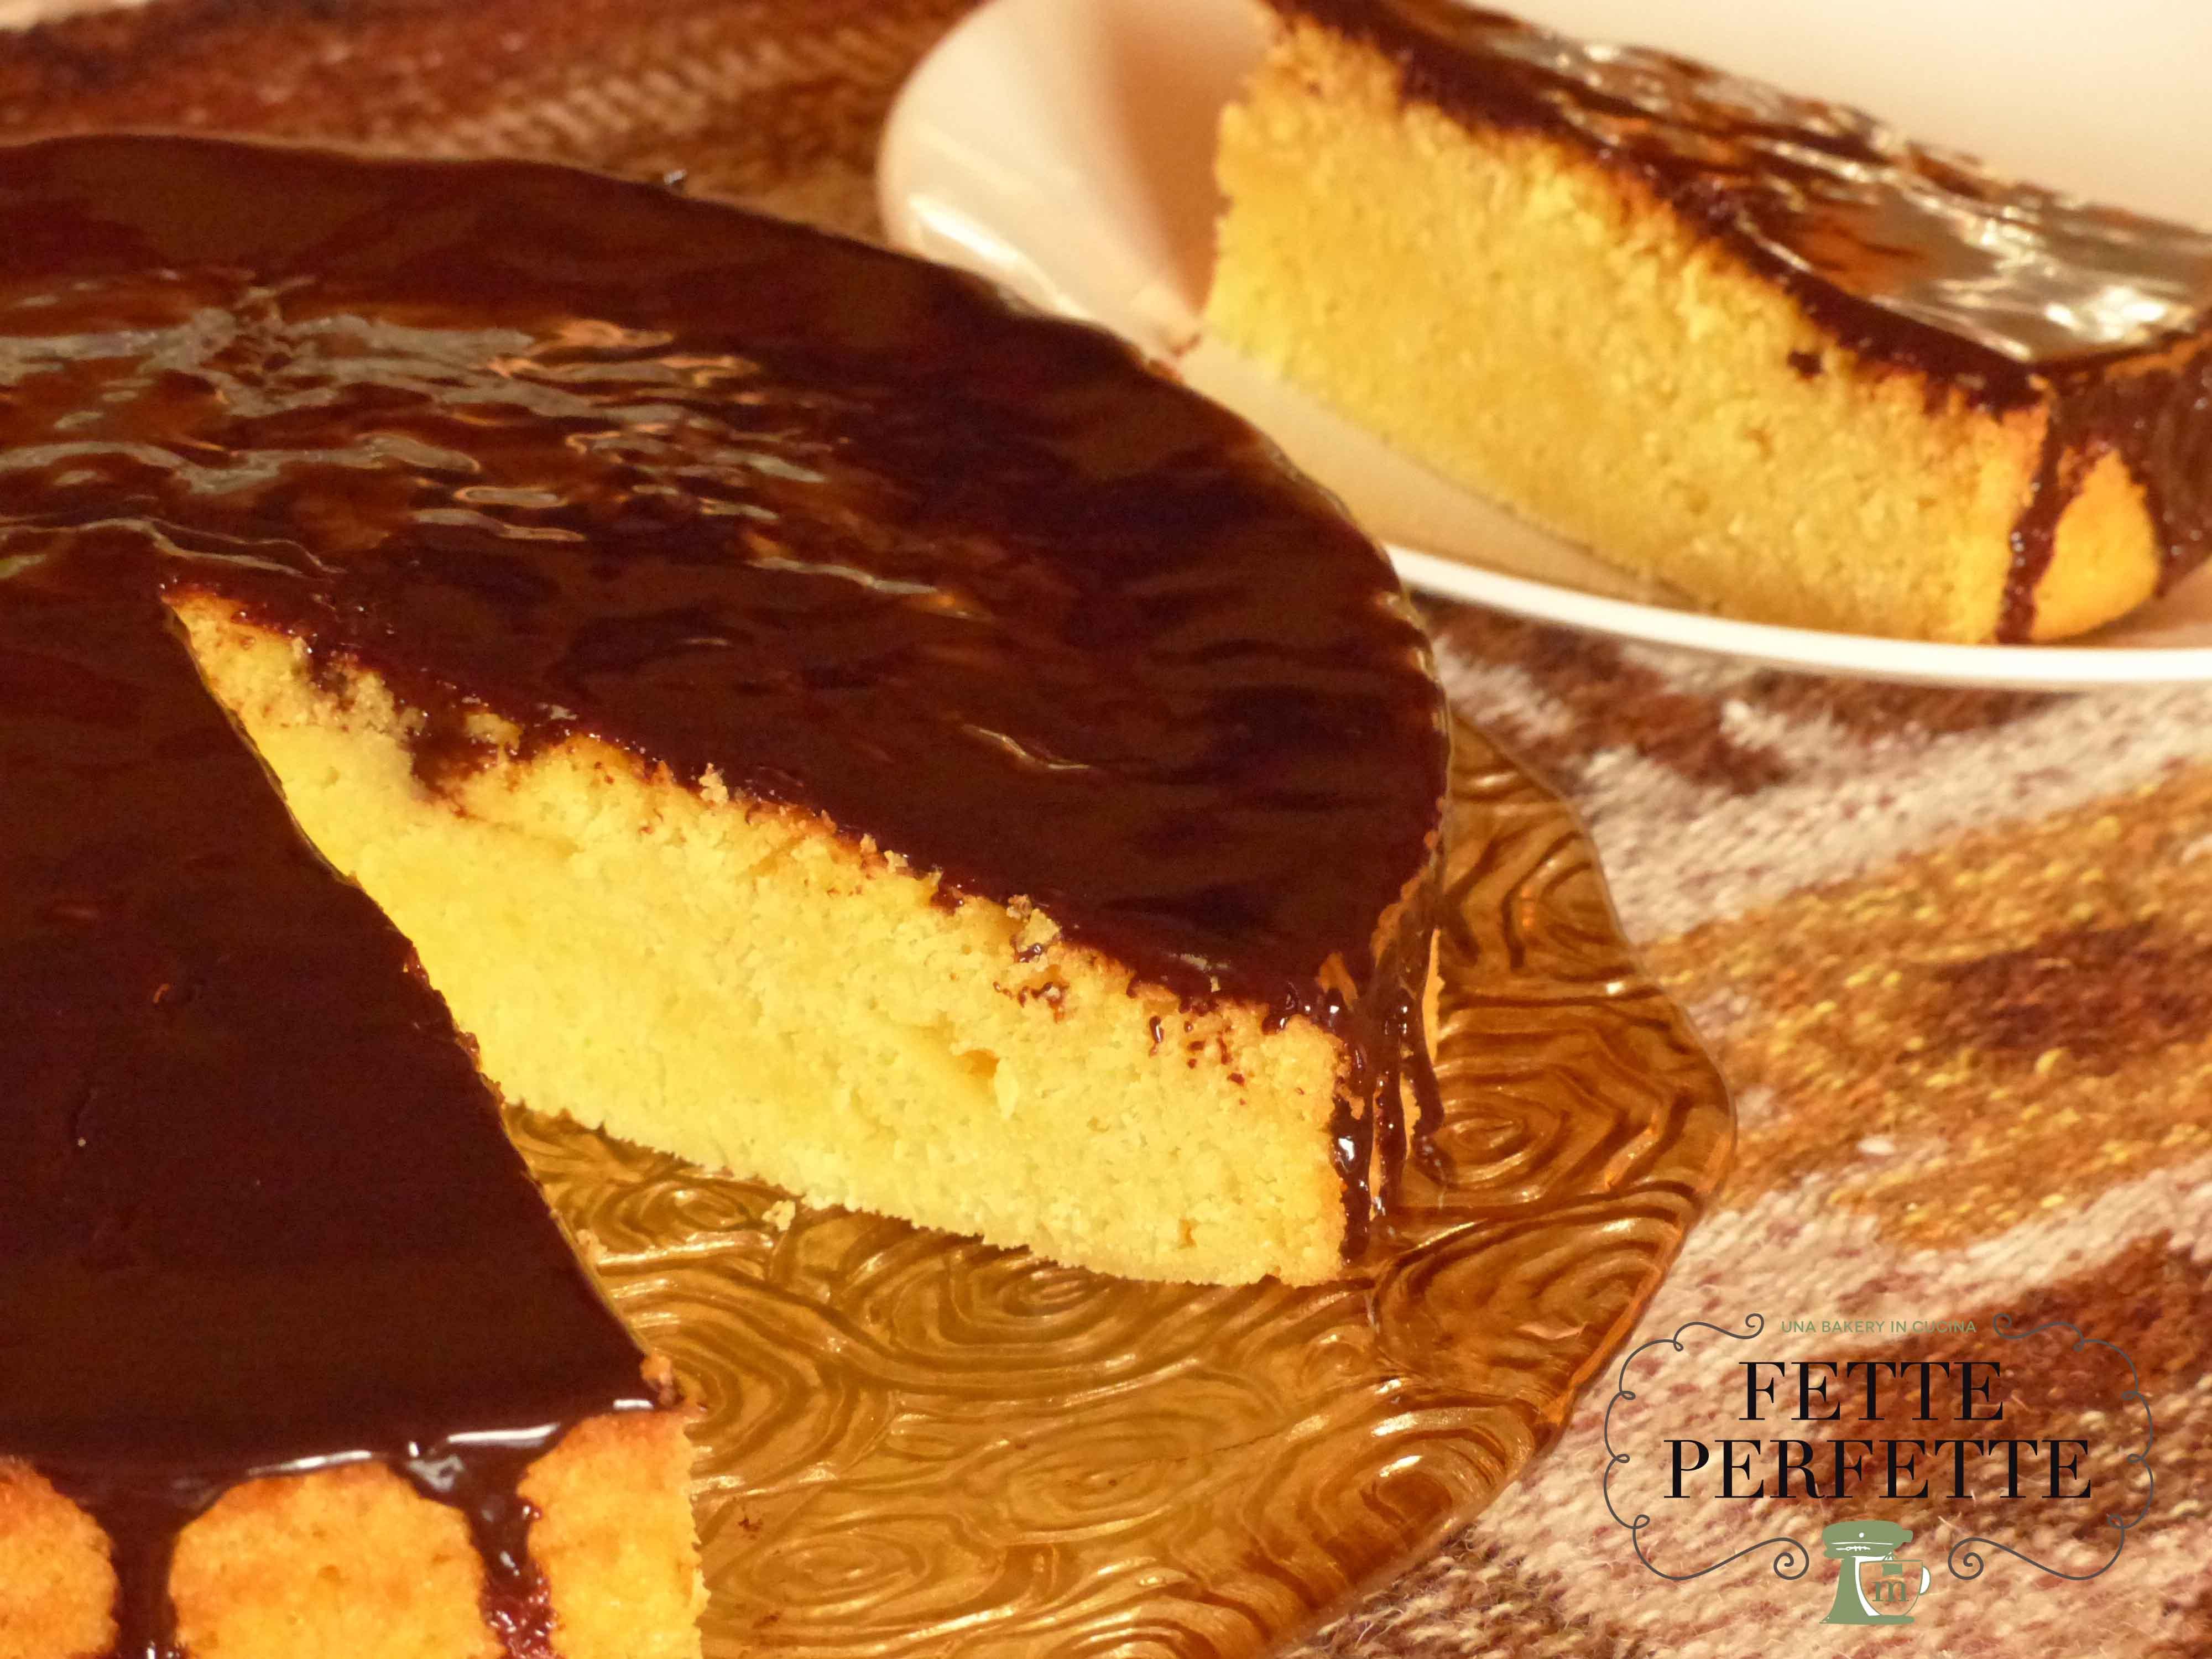 Torte Da Credenza Al Cioccolato : Torta di zucca con ganache al cioccolato u fette perfette